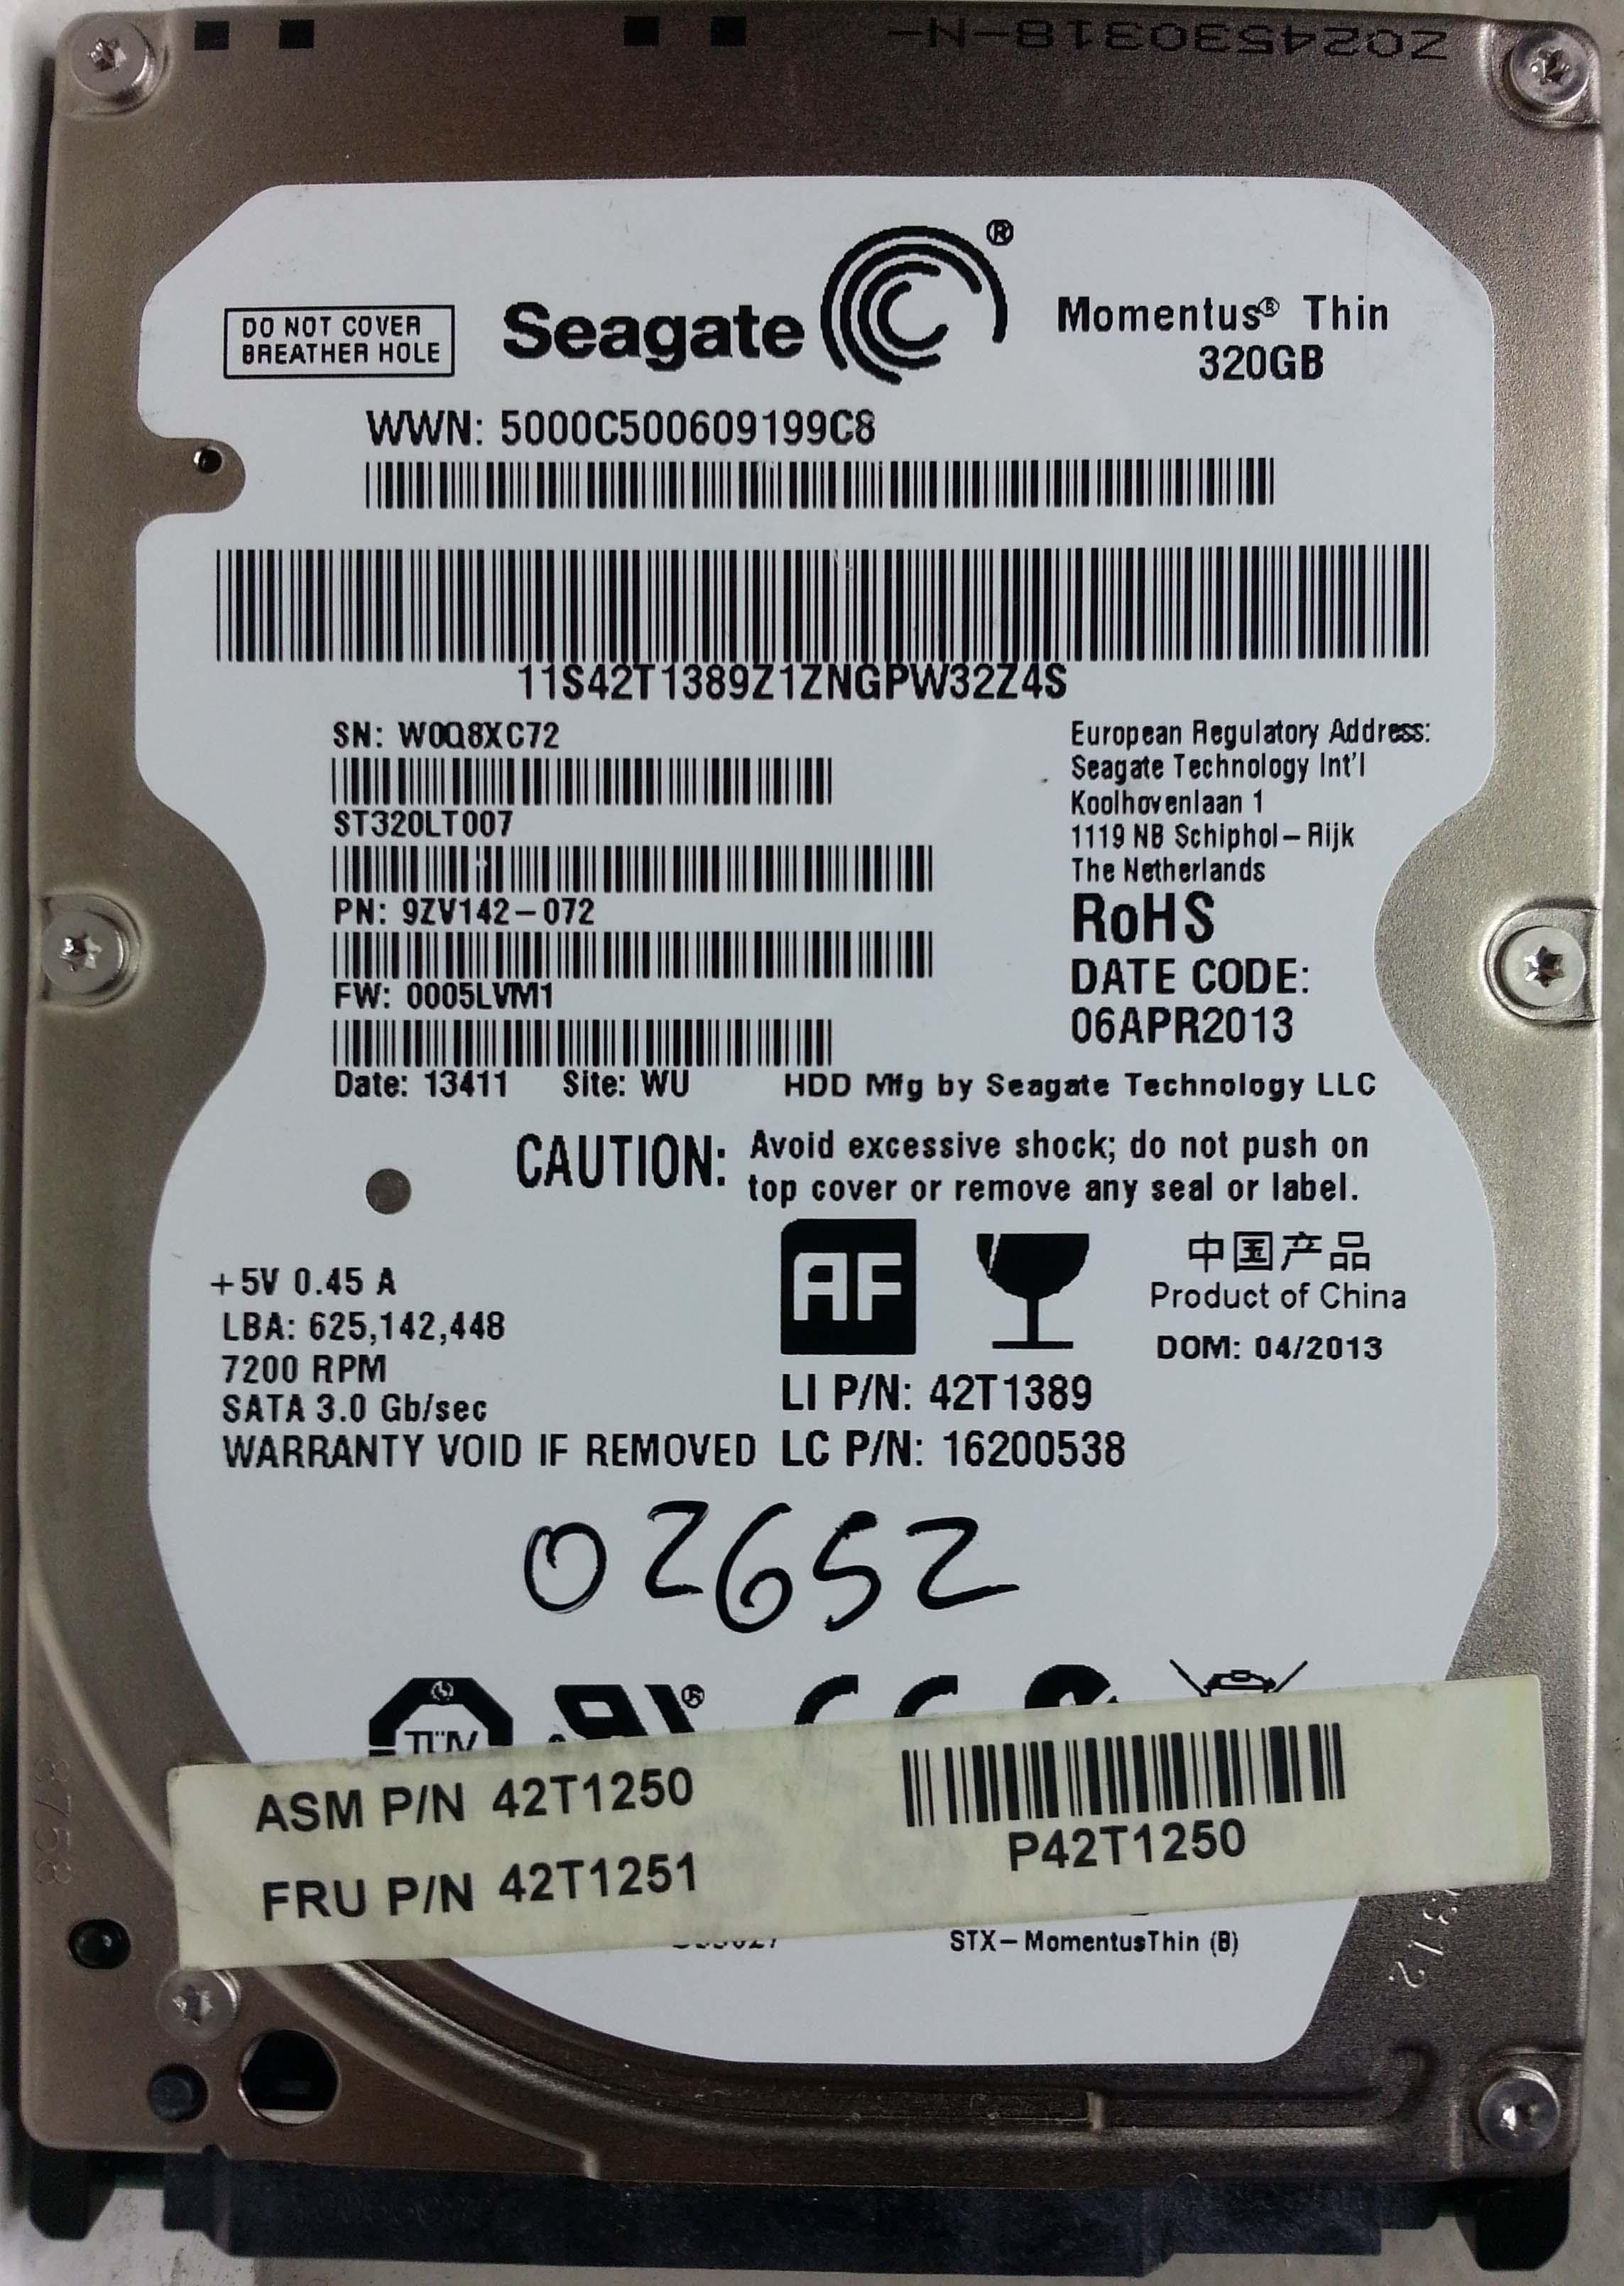 Seagate ST320LT007 320GB SATA | RecuperoDatos com